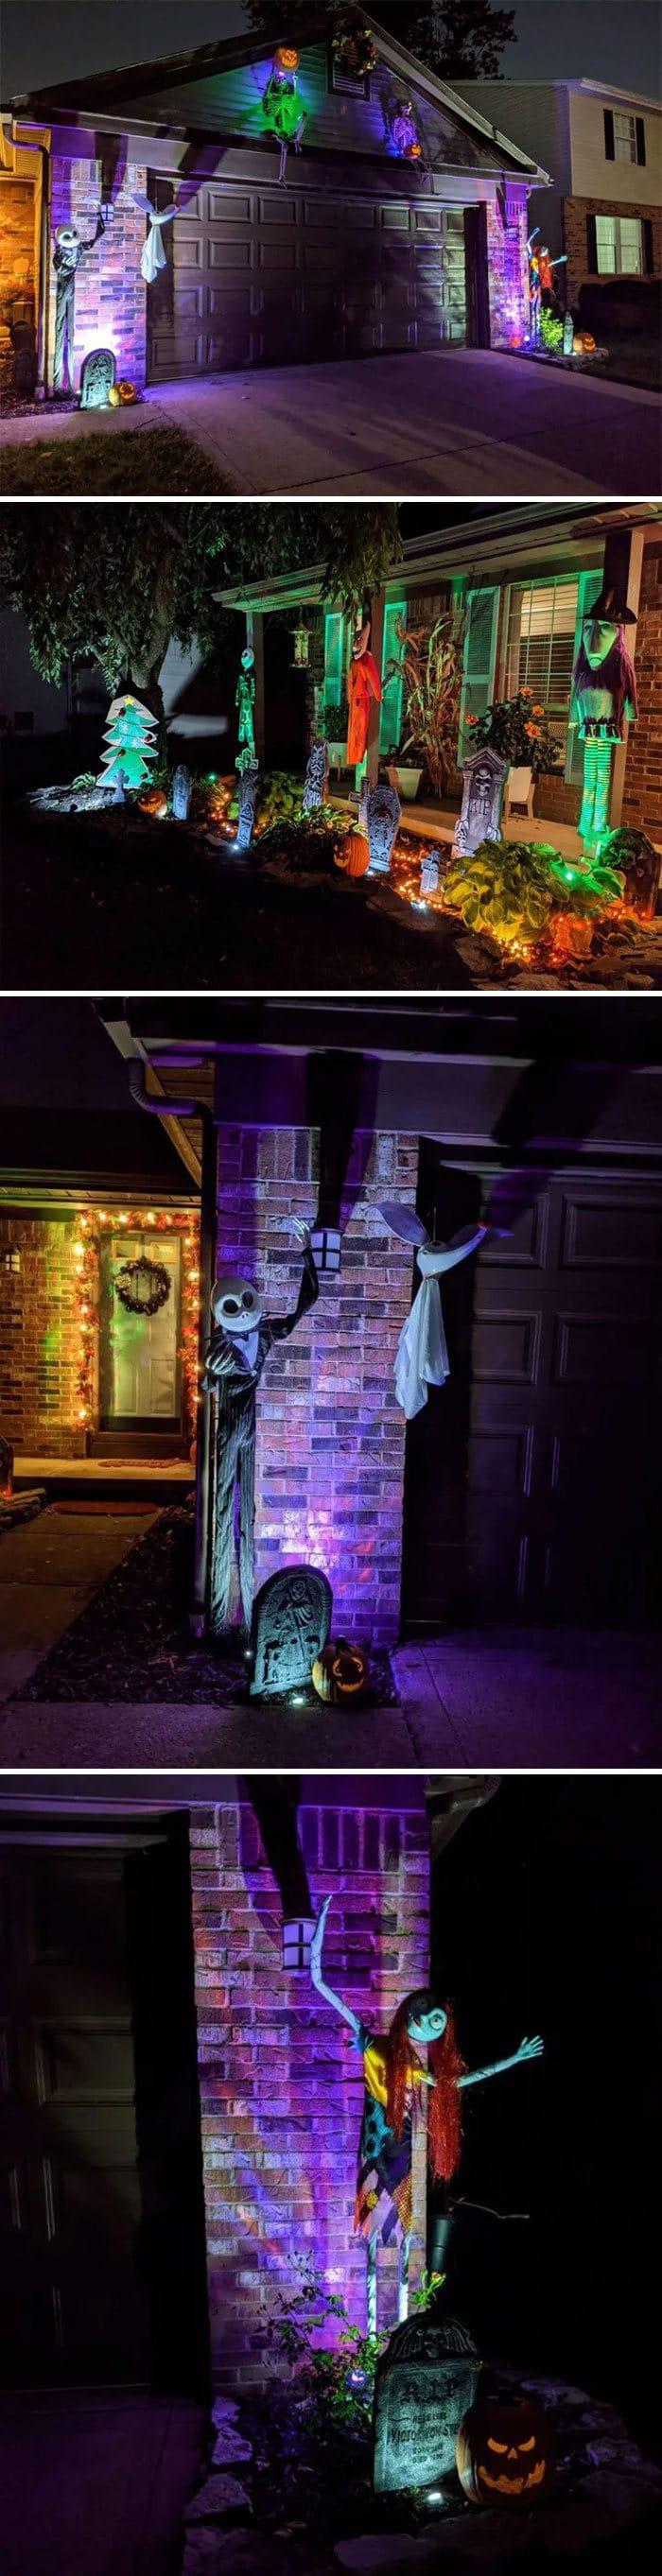 40 decorações de Halloween do ano de 2020 que são engraçadas e assustadoras 31